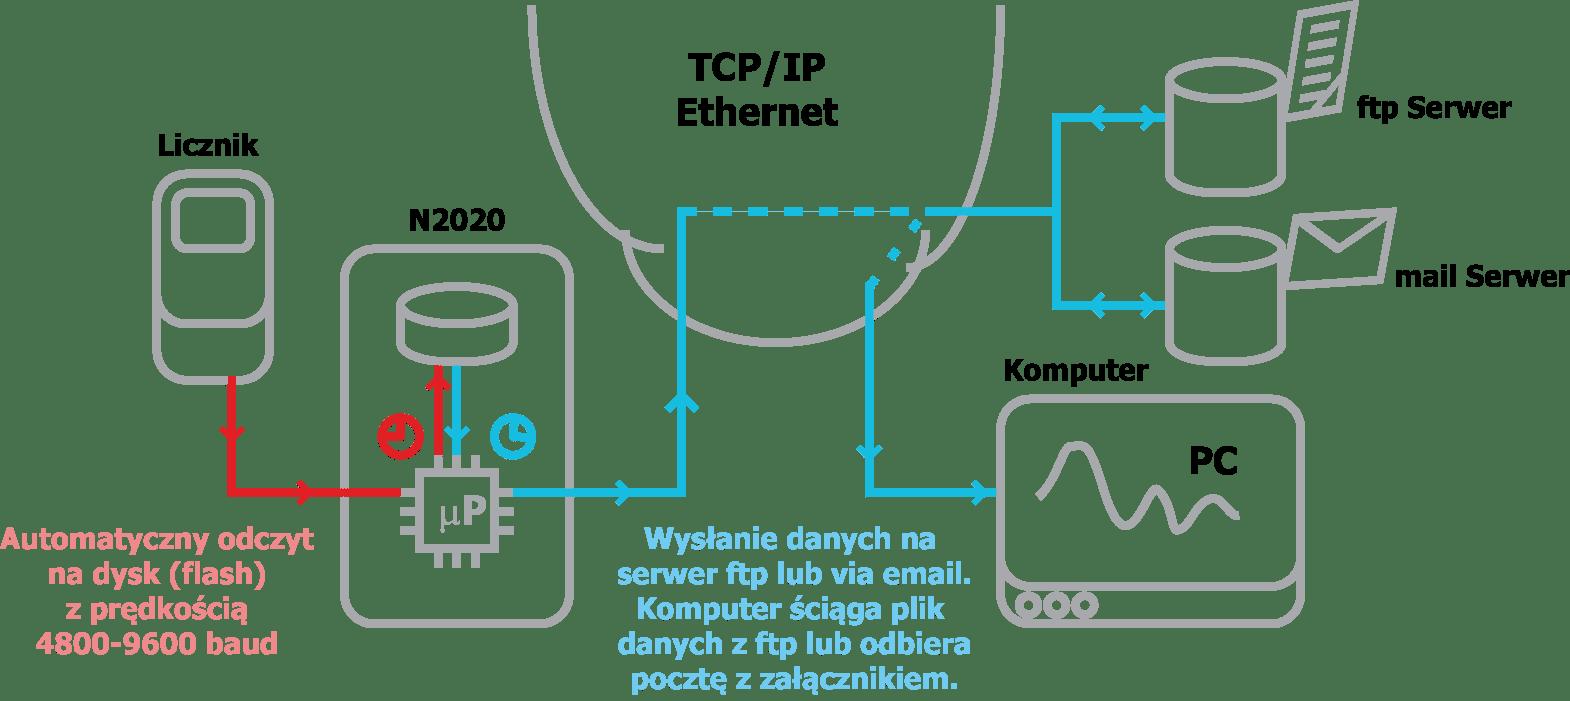 Odczyt_niebieski_2020_net_only